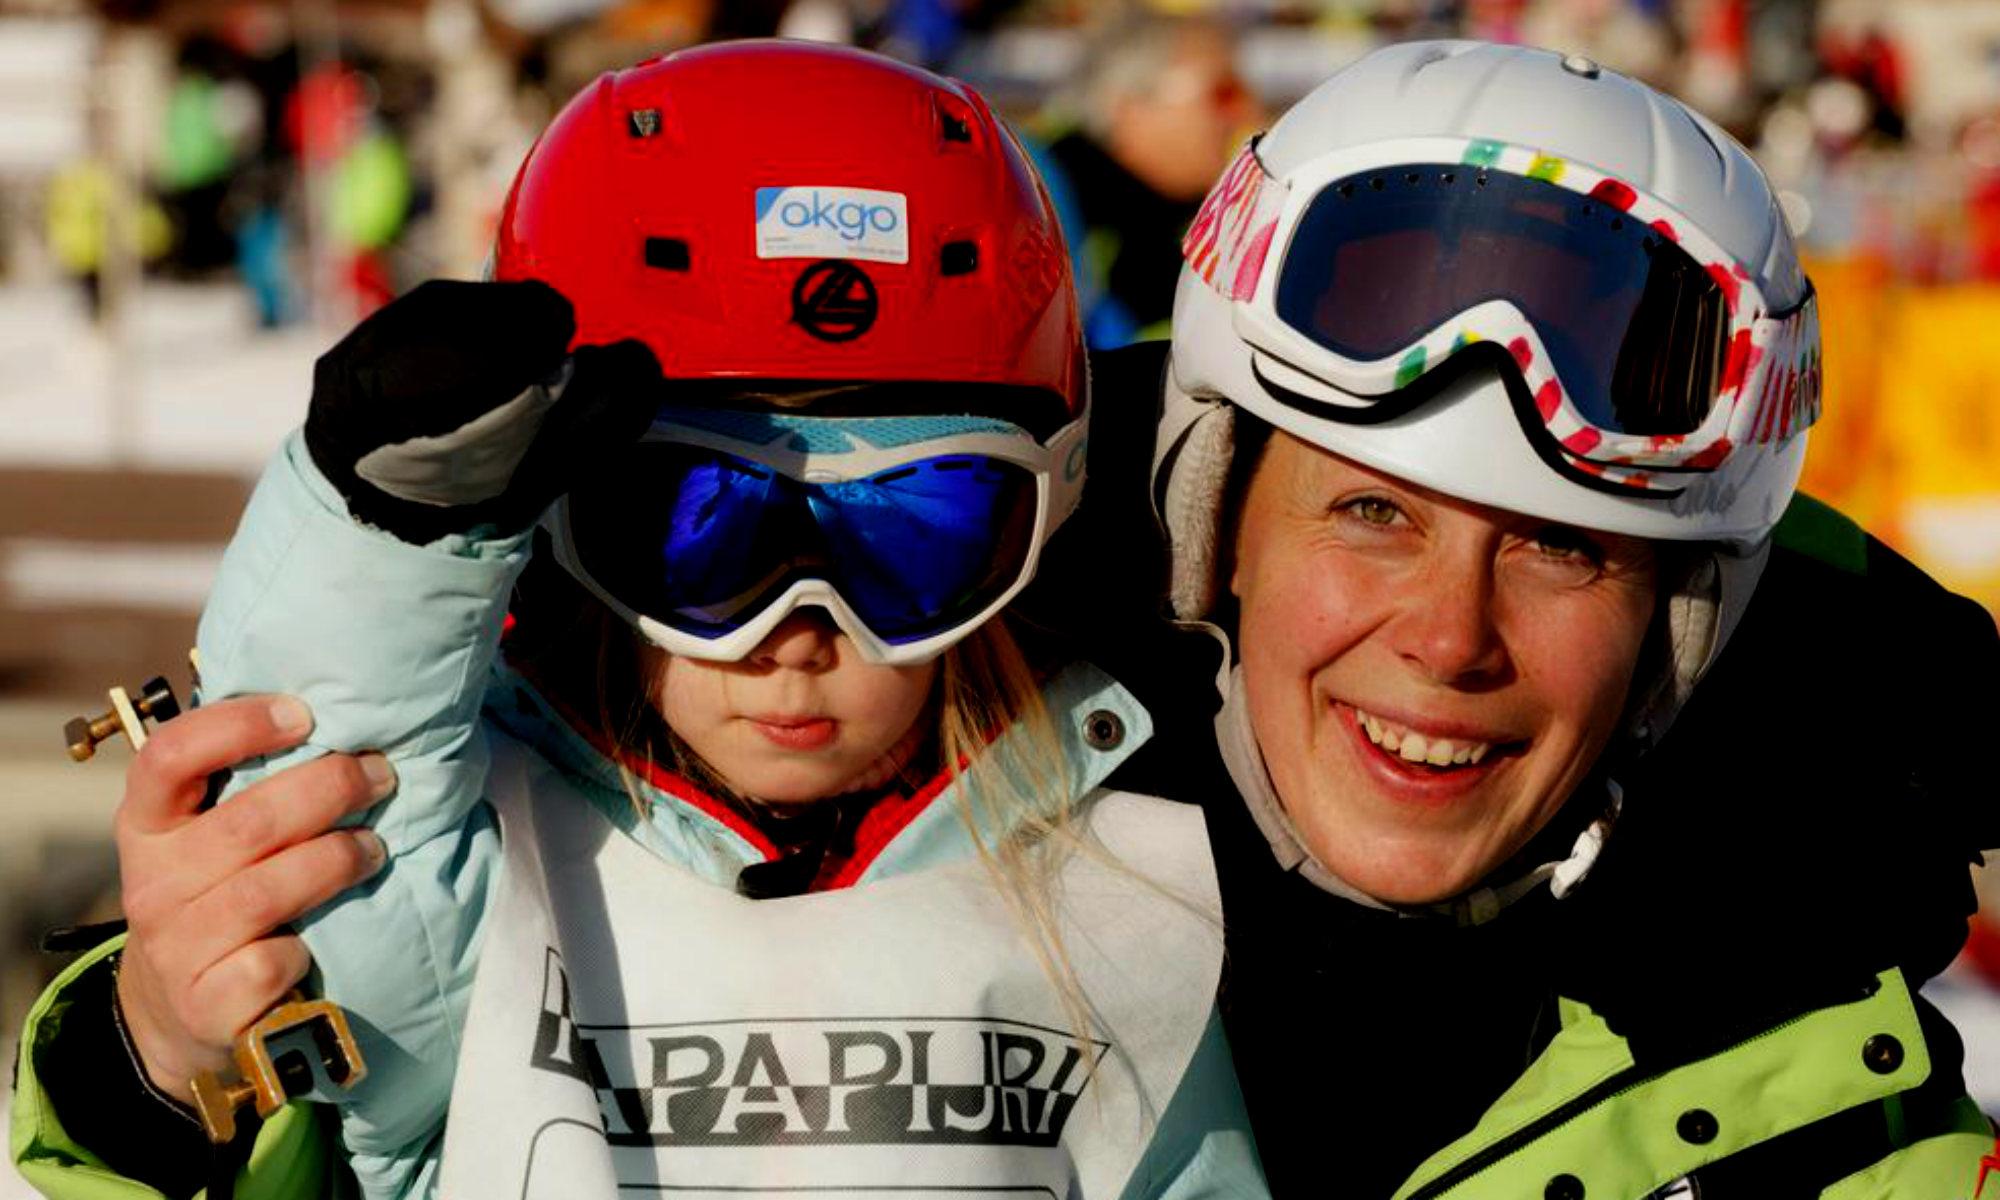 Una maestra di sci è pronta per iniziare la lezione di sci insieme a una bambina.